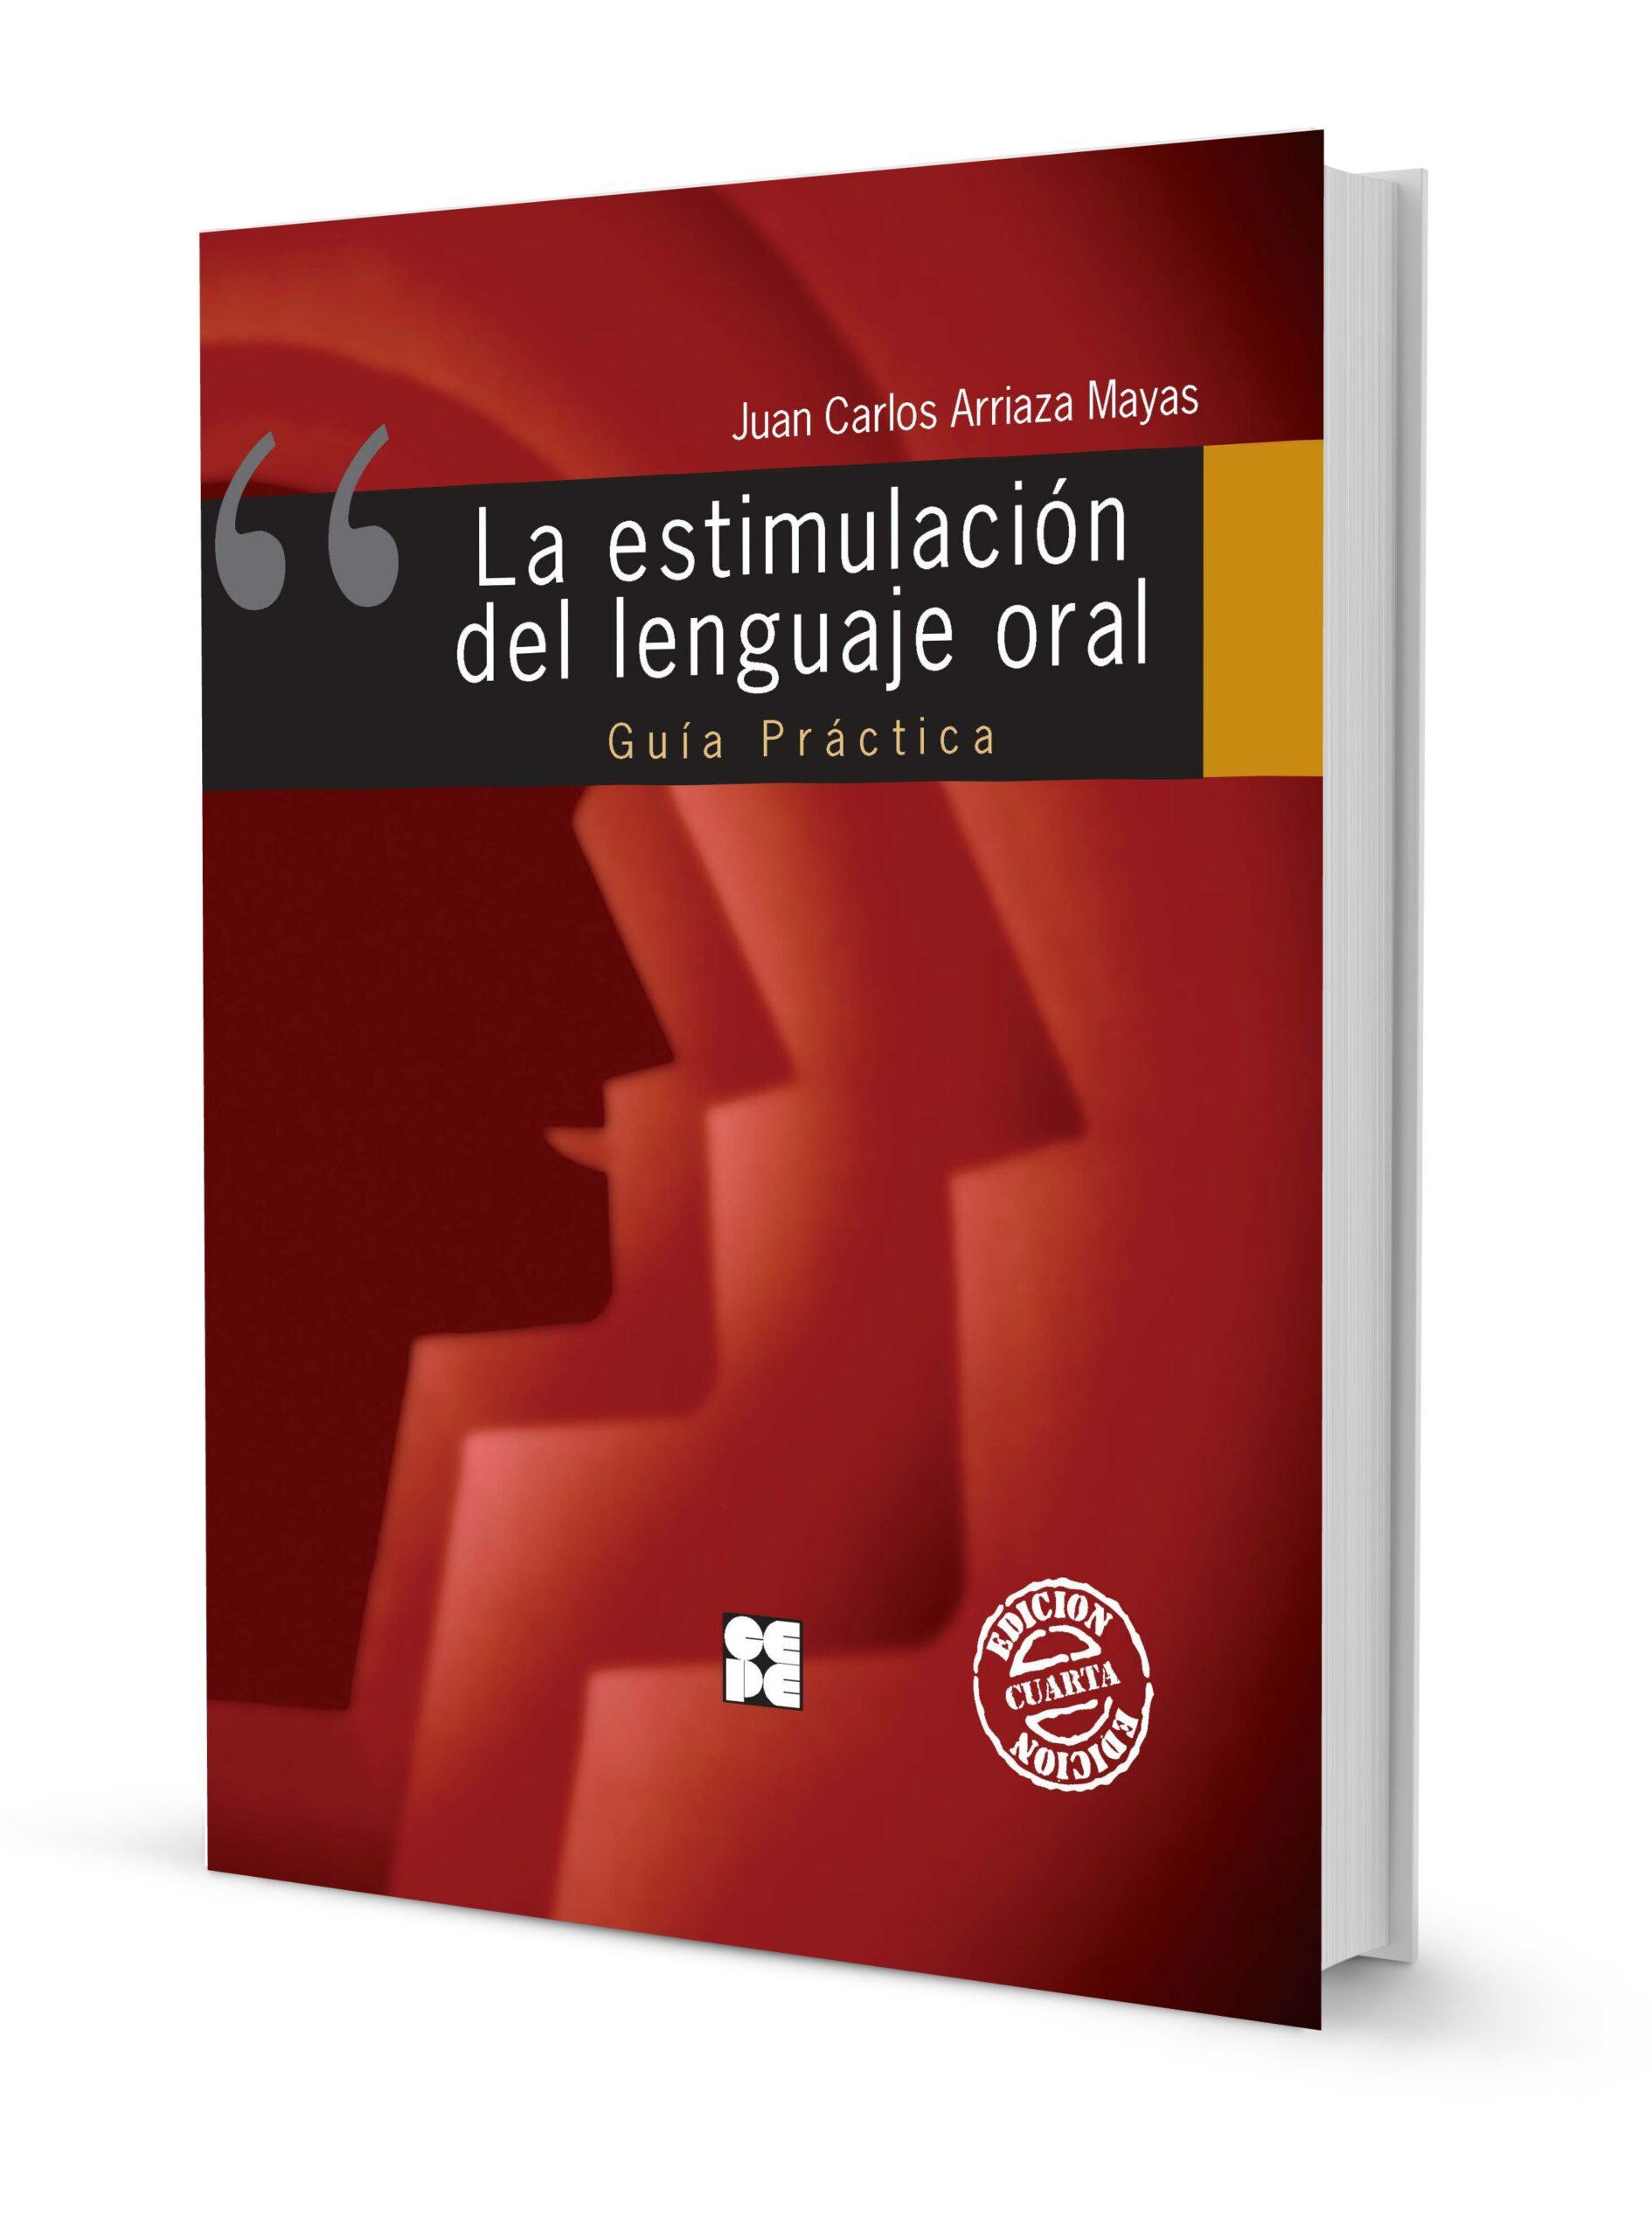 La Estimulación del Lenguaje Oral. Guía Práctica